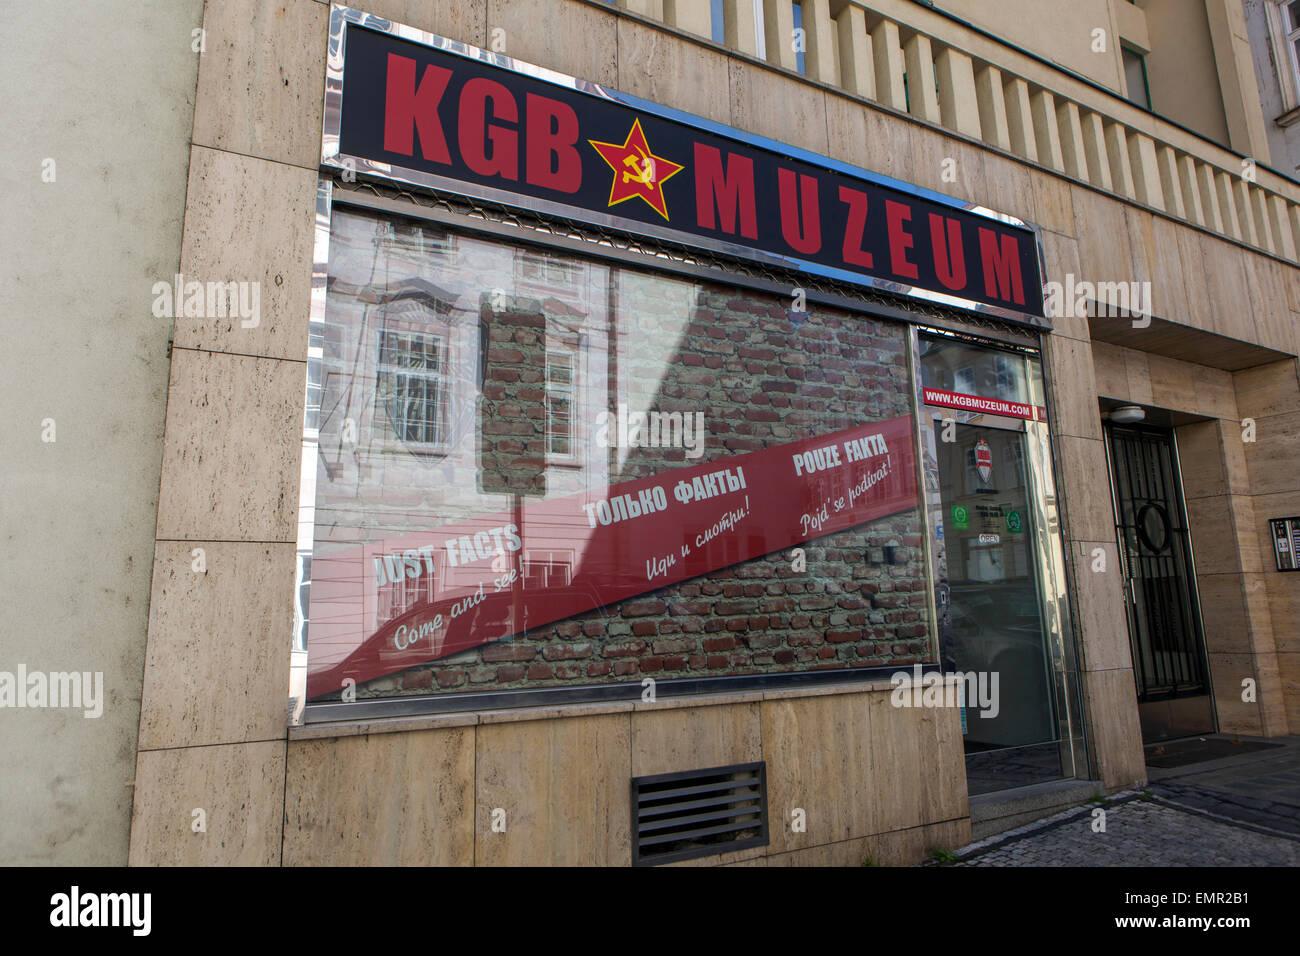 KGB museum, Lesser Town, Prague Czech Republic - Stock Image